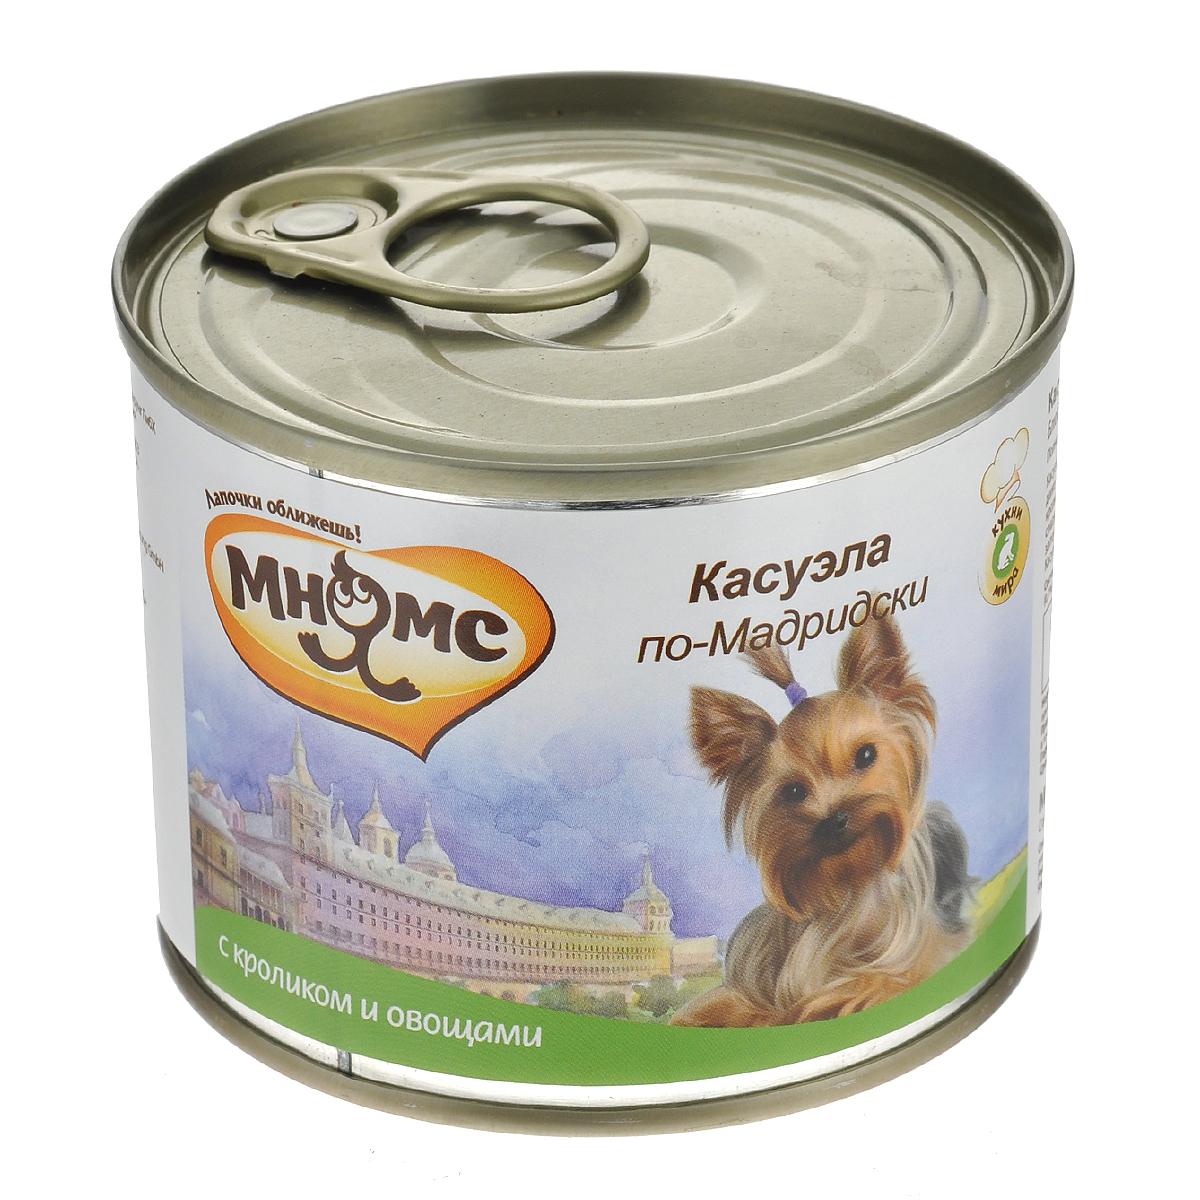 Консервы для собак Мнямс Касуэла по-Мадридски, с кроликом и овощами, 200 г57671Полнорационные корма Мнямс, производимые в Германии, содержат все необходимое для здоровой и счастливой жизни вашего питомца. Входящие в состав ингредиенты абсолютно натуральны, сбалансированы и при этом обладают высокой вкусовой привлекательностью. Косуэла - очень популярное блюдо в Испании и странах Латинской Америки. Его готовят из различных сортов мяса и даже морепродуктов, с обязательным добавлением овощей и бобовых. Для косуэлы по-мадридски выбирают мясо кролика. Тушку разрезают на кусочки и выкладывают на противень с растопленным сливочным маслом, затем добавляют лук, сладкий перец, помидоры и заранее подготовленную фасоль. Блюдо заливают белым вином и сначала тушат, а потом запекают до золотистой корочки. Нежное мясо кролика, душистая фасоль, пряный вкус овощей и приправ делают косуэлу по-мадридски настоящим деликатесом. При кормлении необходимо учитывать возраст и активность животного. Собака всегда должна иметь доступ к свежей...